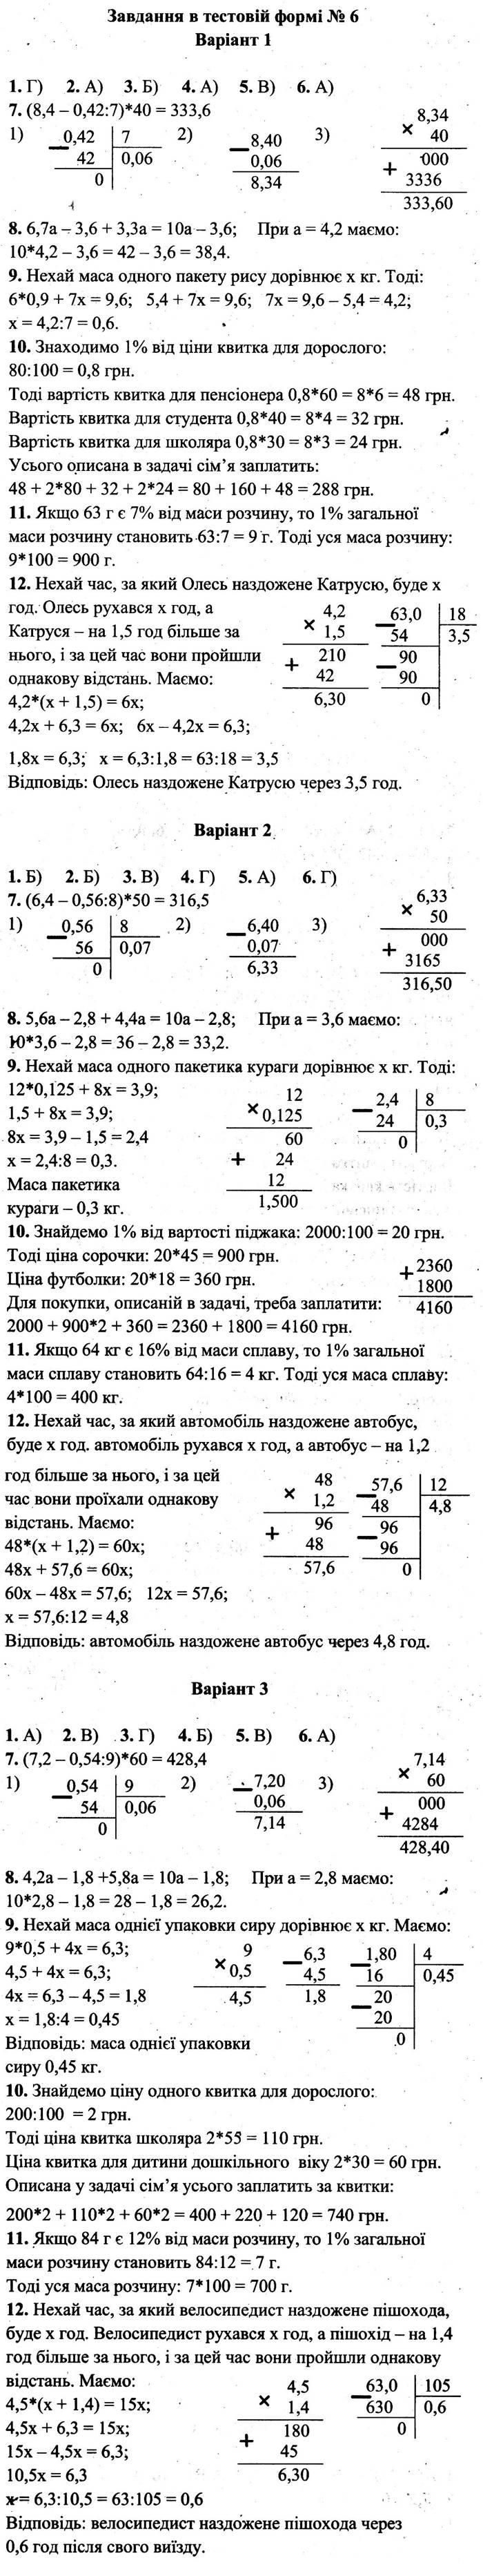 Розв'язання завдань до тестової роботи 6 посібника 5 клас Математика Мерзляк (збірник самостійних робіт і тестів) 2020 рік